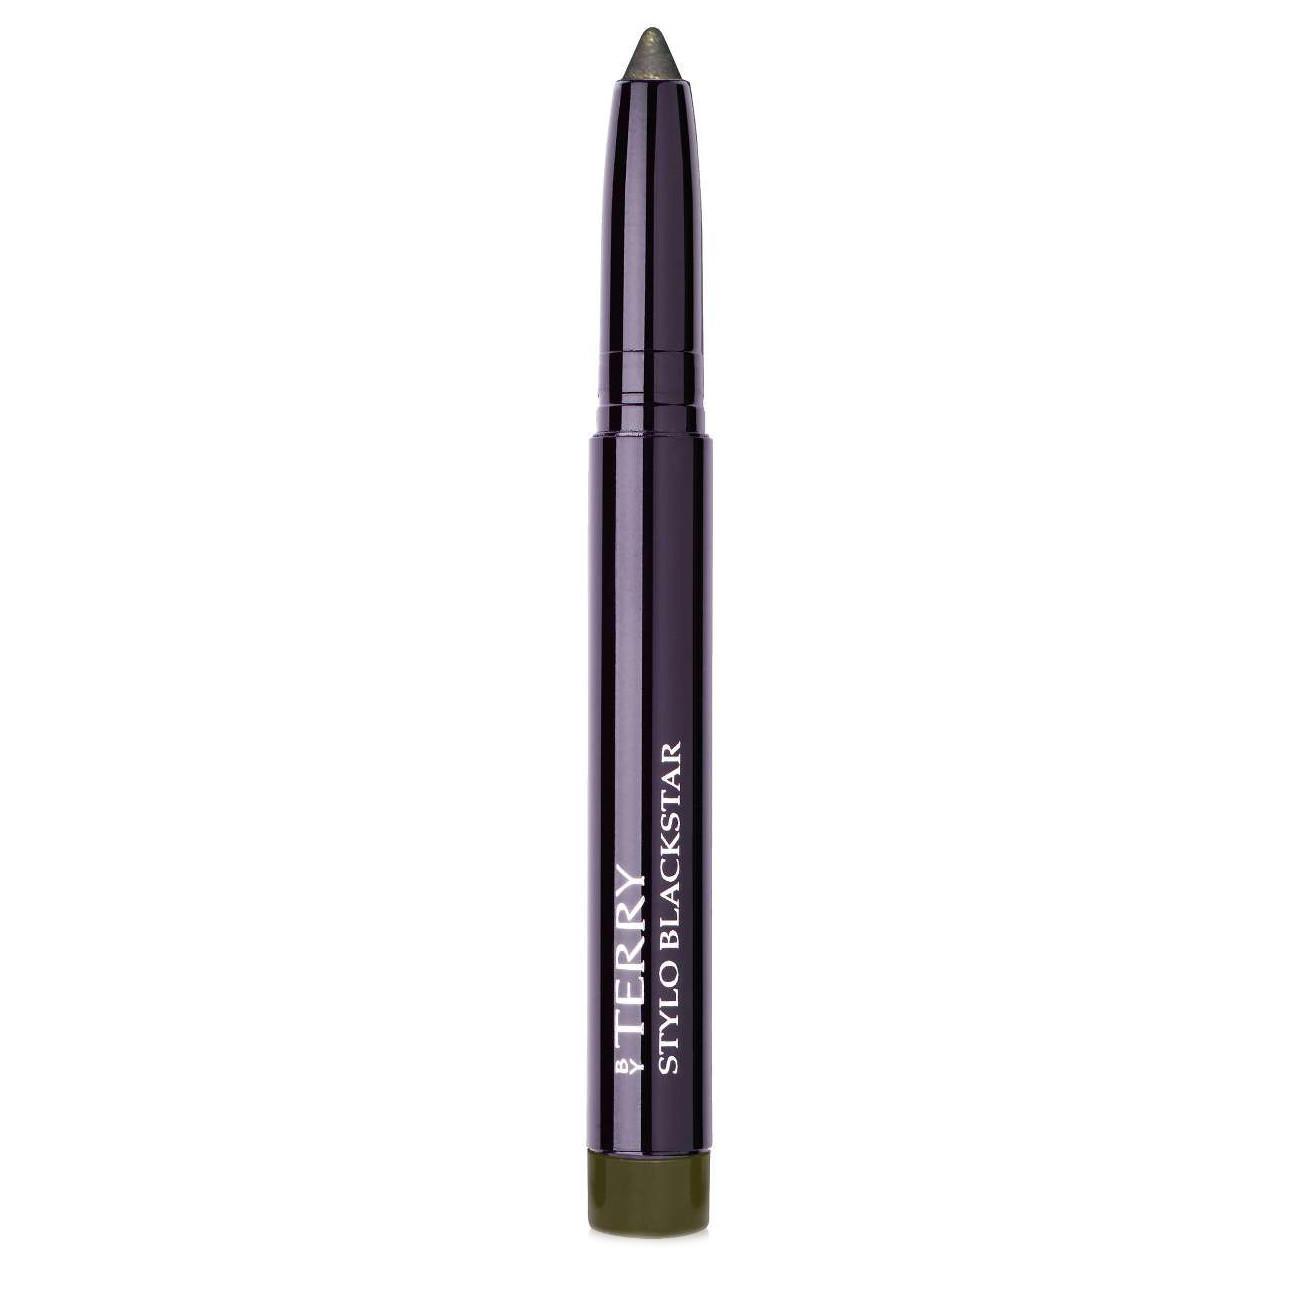 By Terry Stylo Blackstar Waterproof 3-in-1 Pencil Bronze Green 7